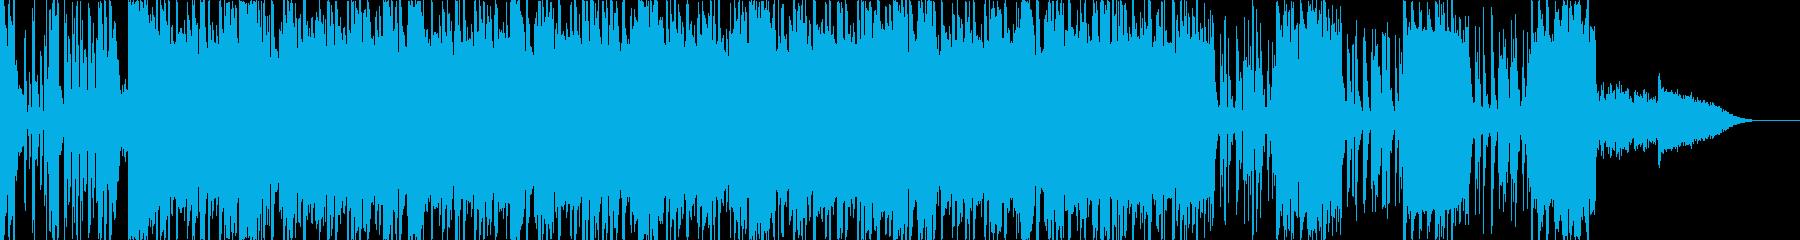 ファンキーでエネルギッシュ、フレッ...の再生済みの波形